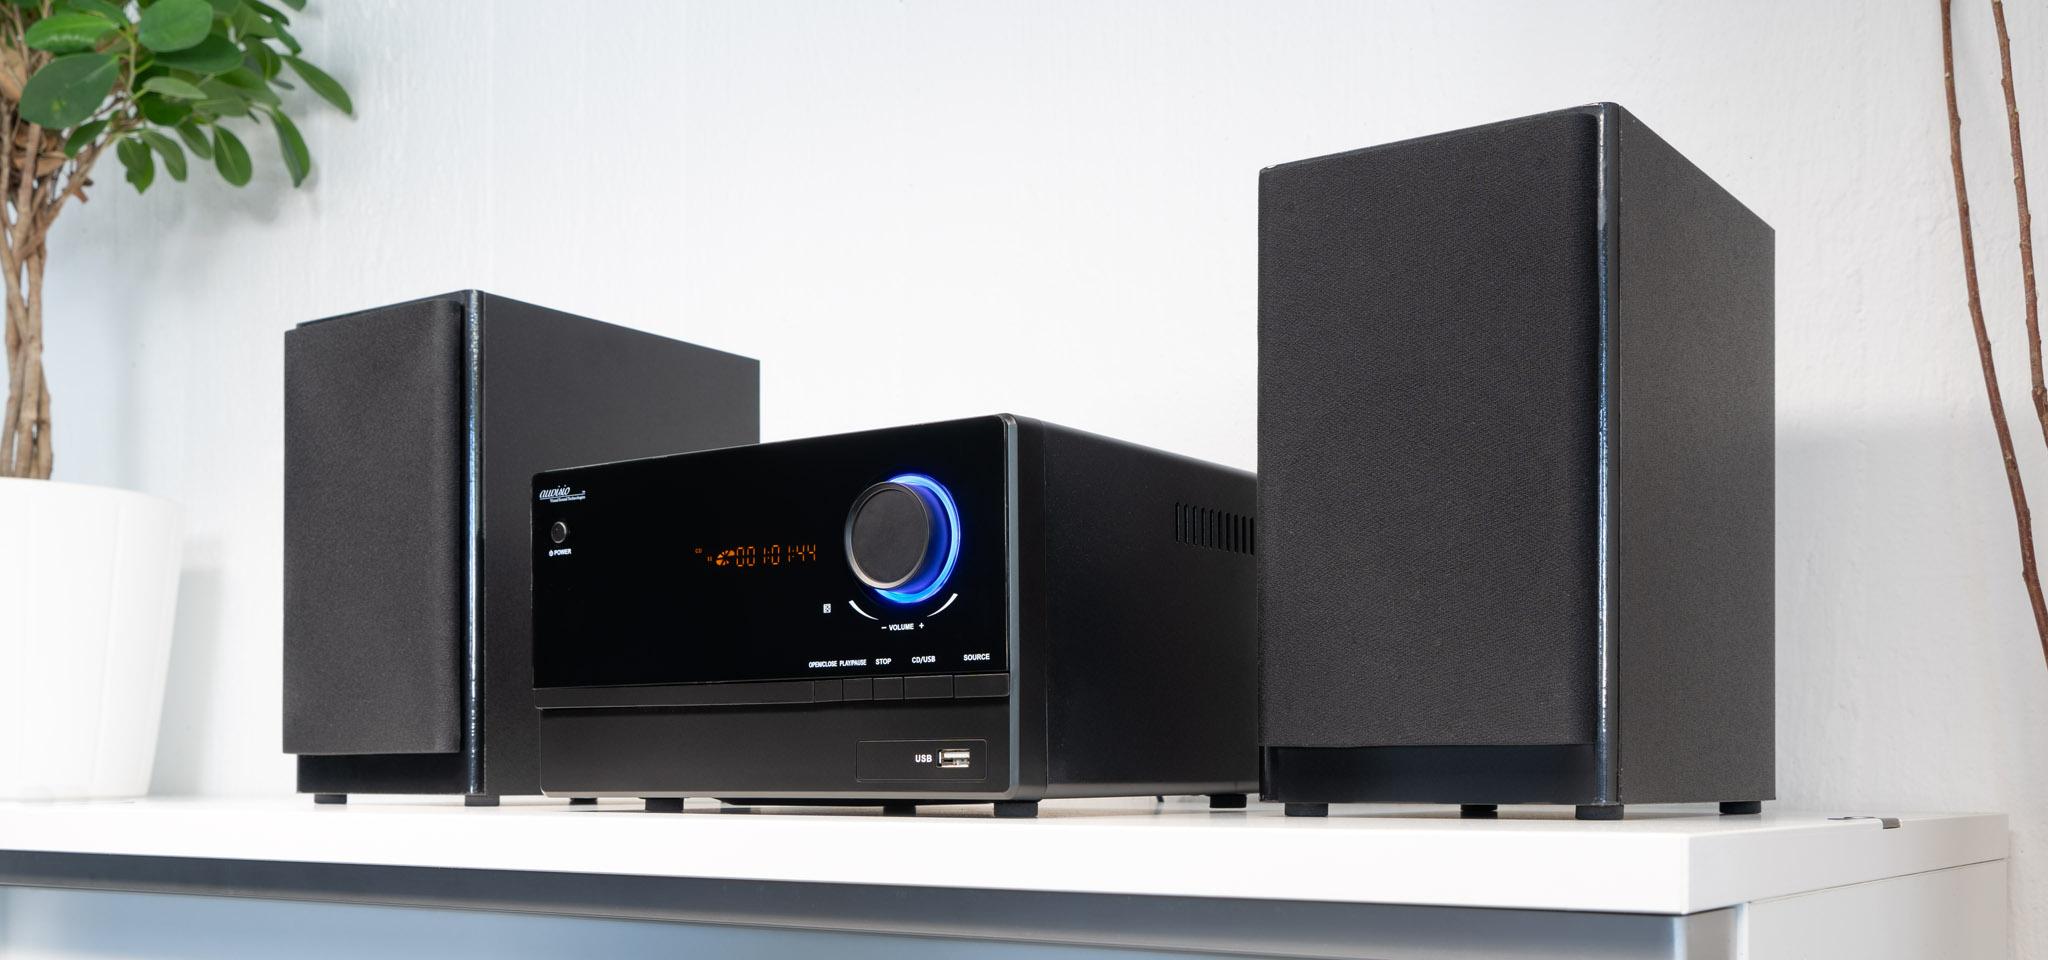 Kompakt stereoanlage testsieger dating